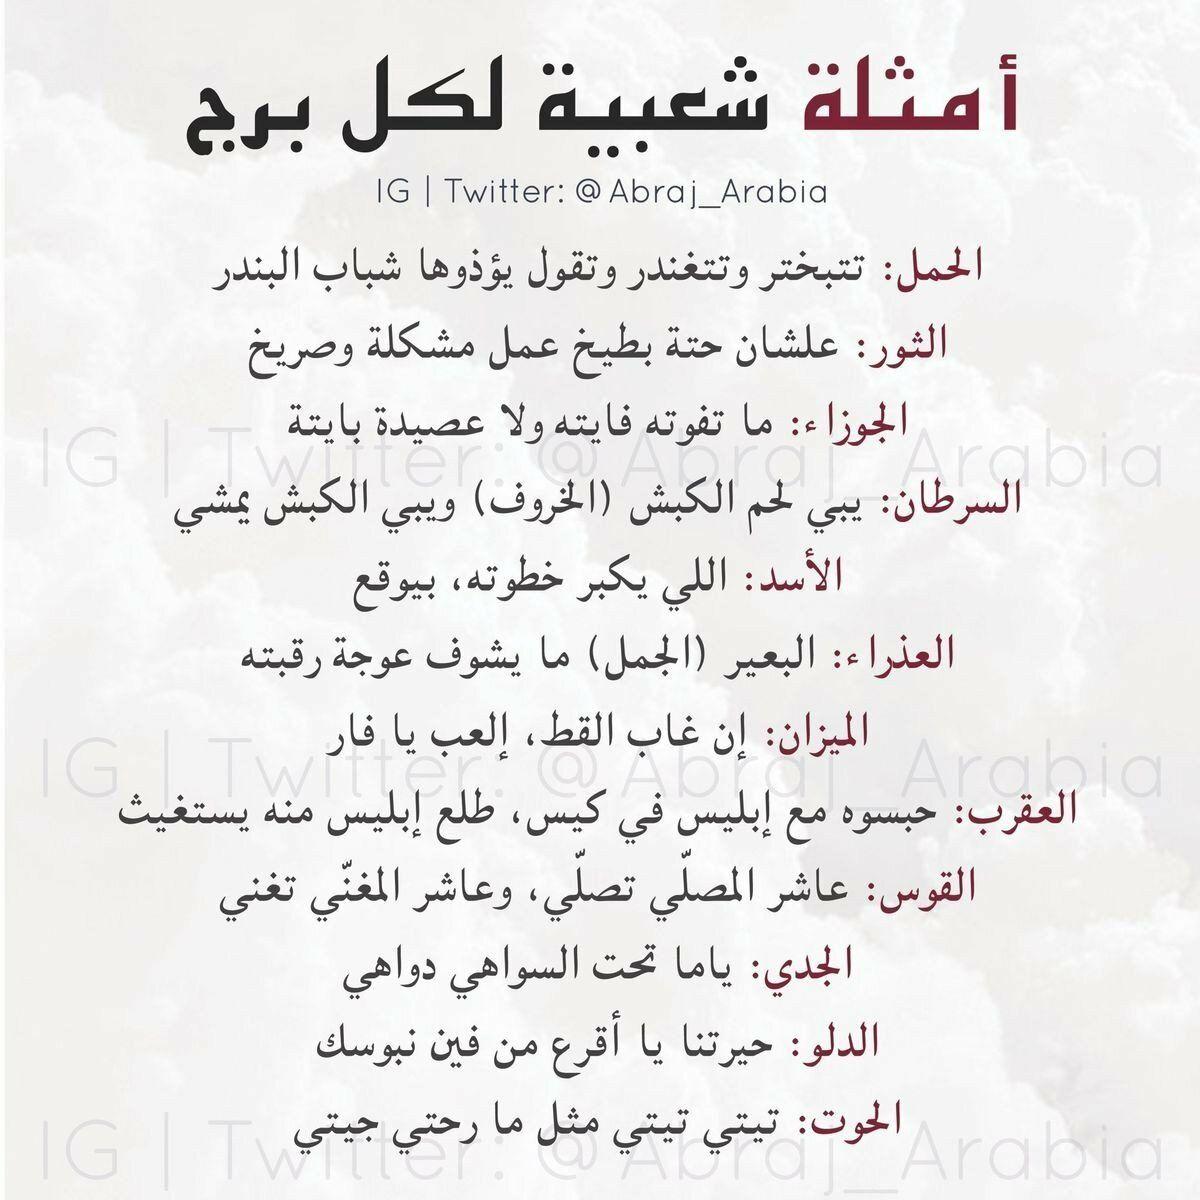 أمثلة شعبية لمواليد جميع الأبراج برج الجوزاء برج الحمل برج الميزان برج الثور برج العقرب برج الحوت بر Circle Quotes Words Quotes Quran Quotes Love